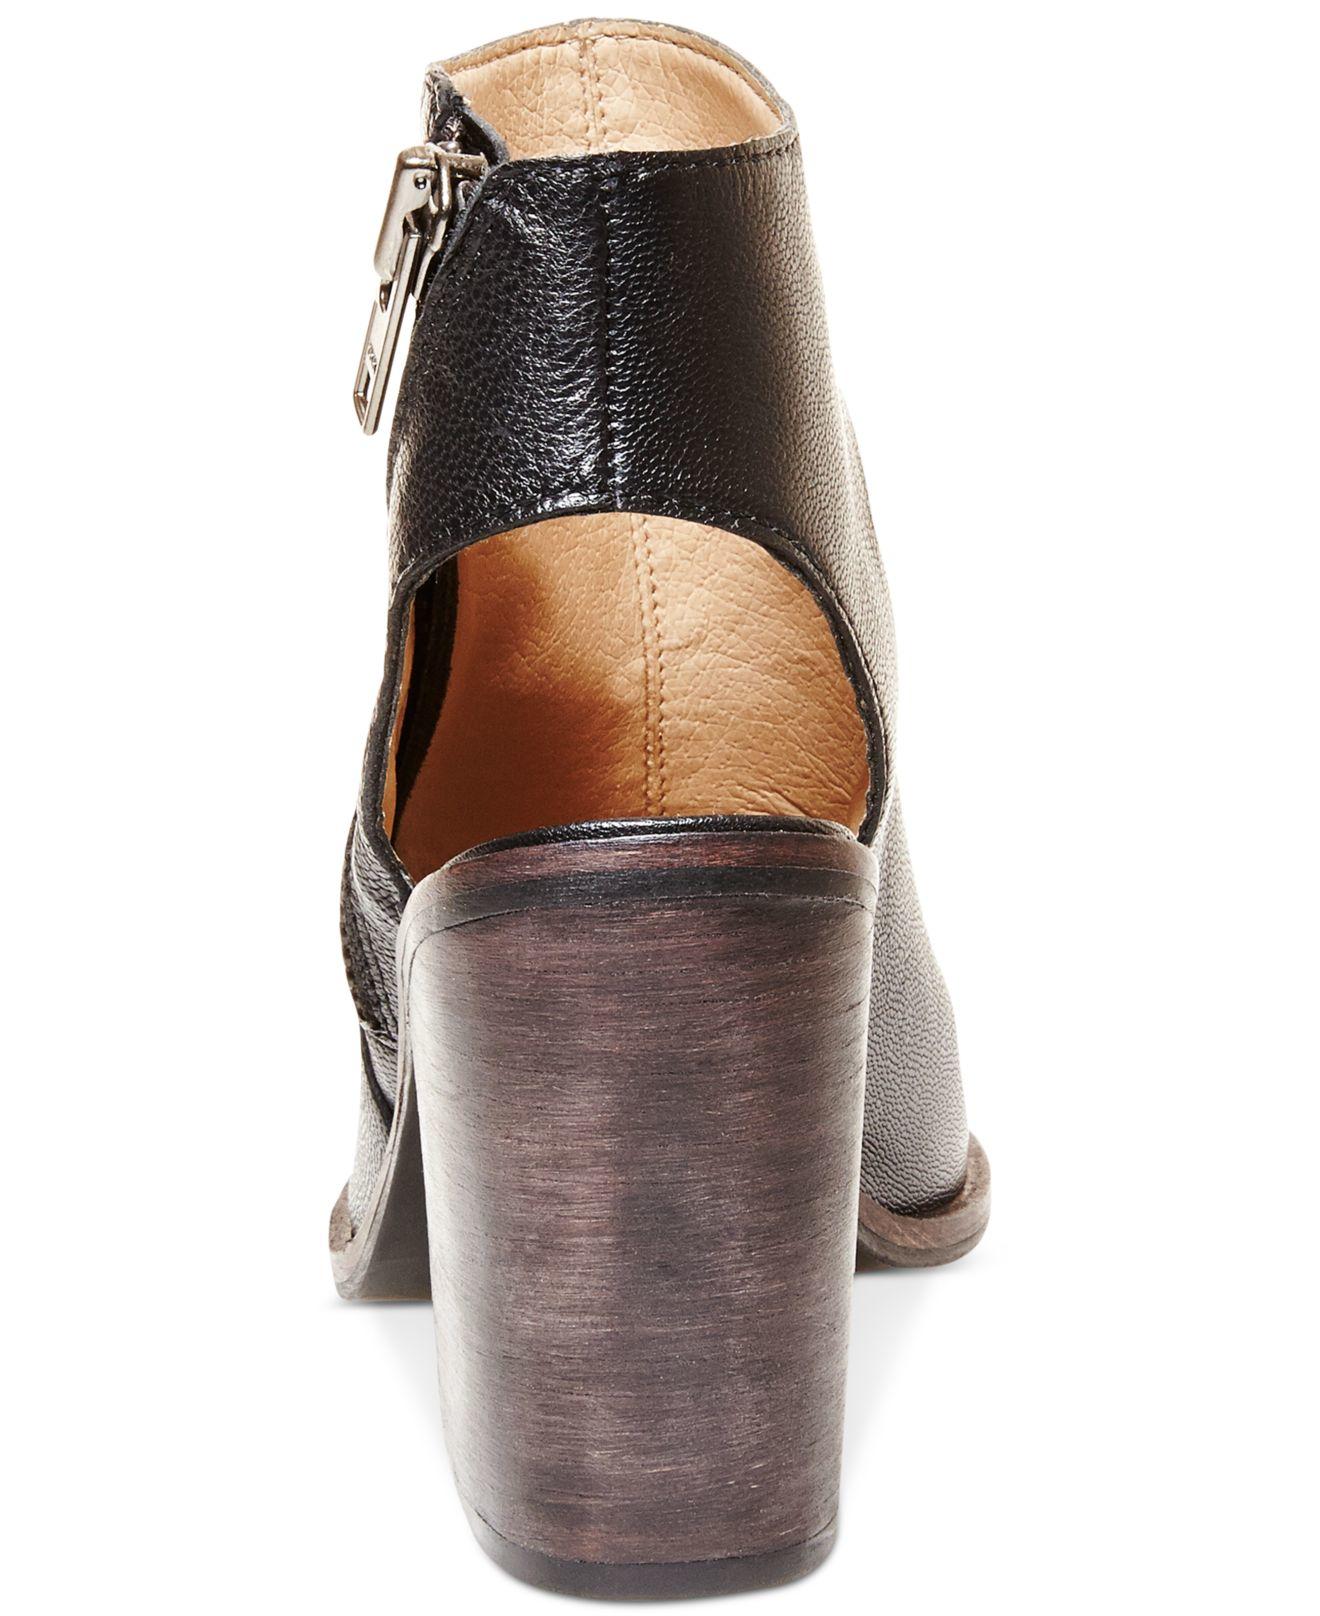 Women S Terra Sole Shoes